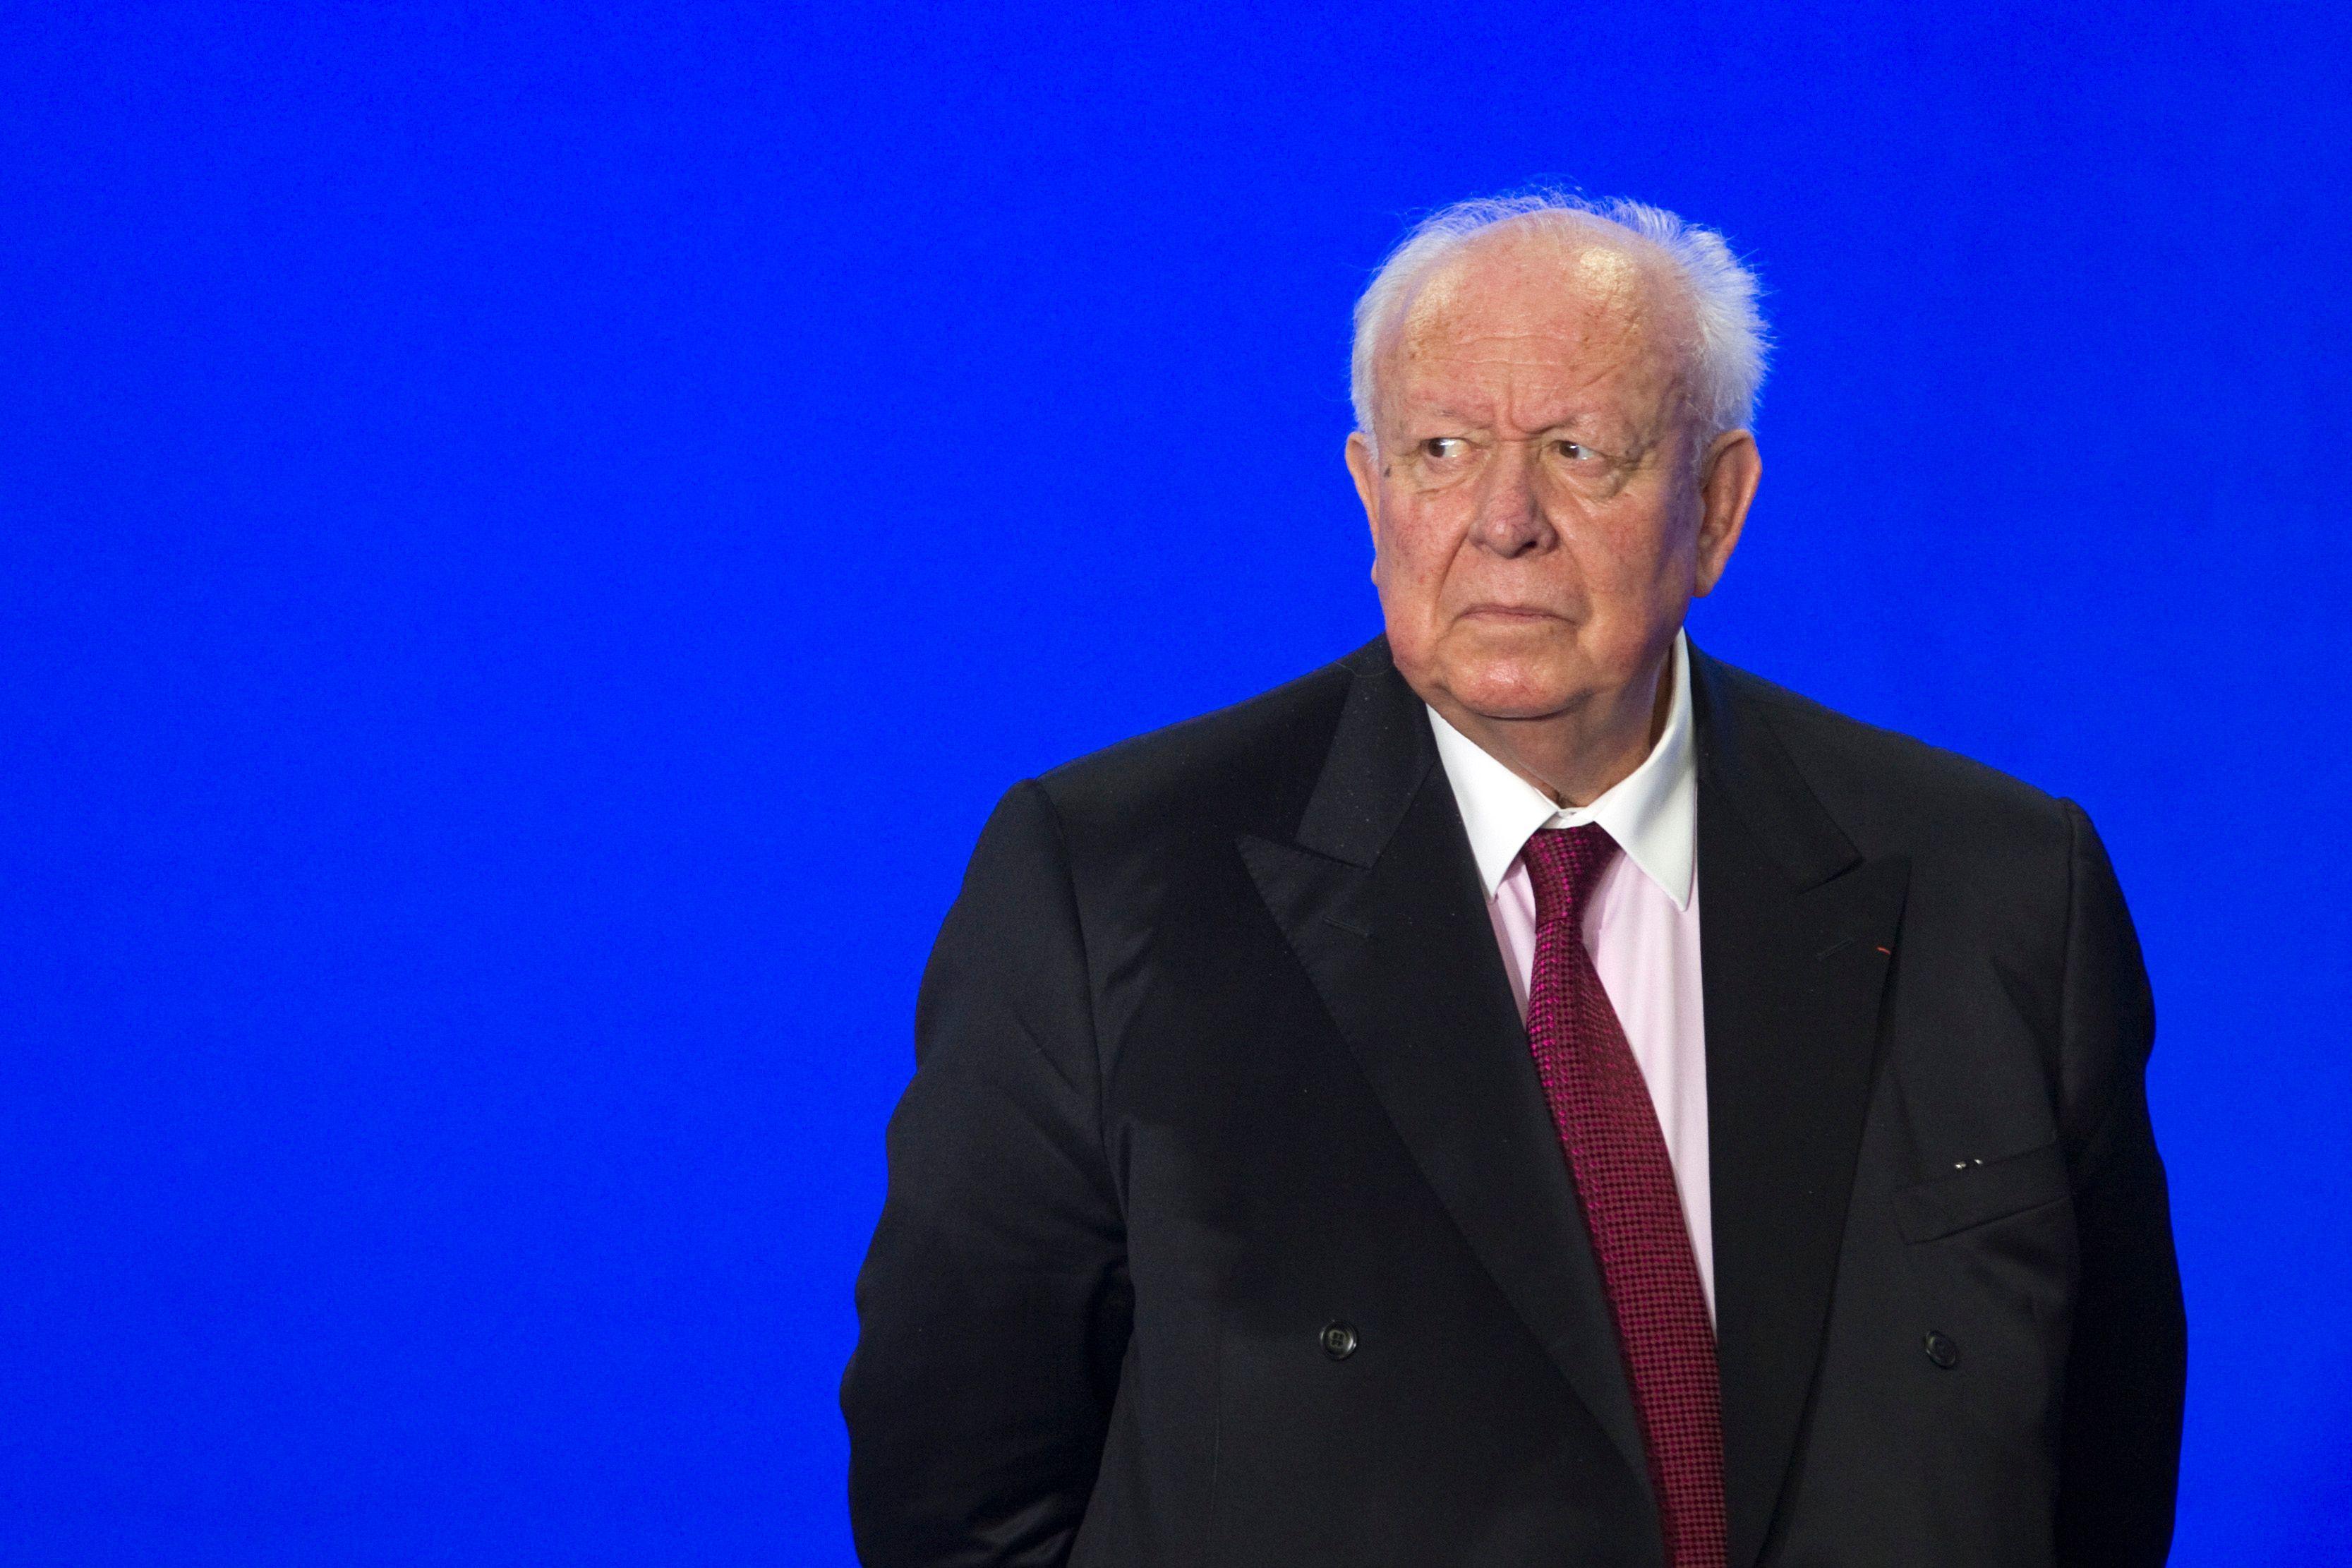 Le maire sortant de Marseille Jean-Claude Gaudin reprend un léger avantage sur Patrick Mennucci.